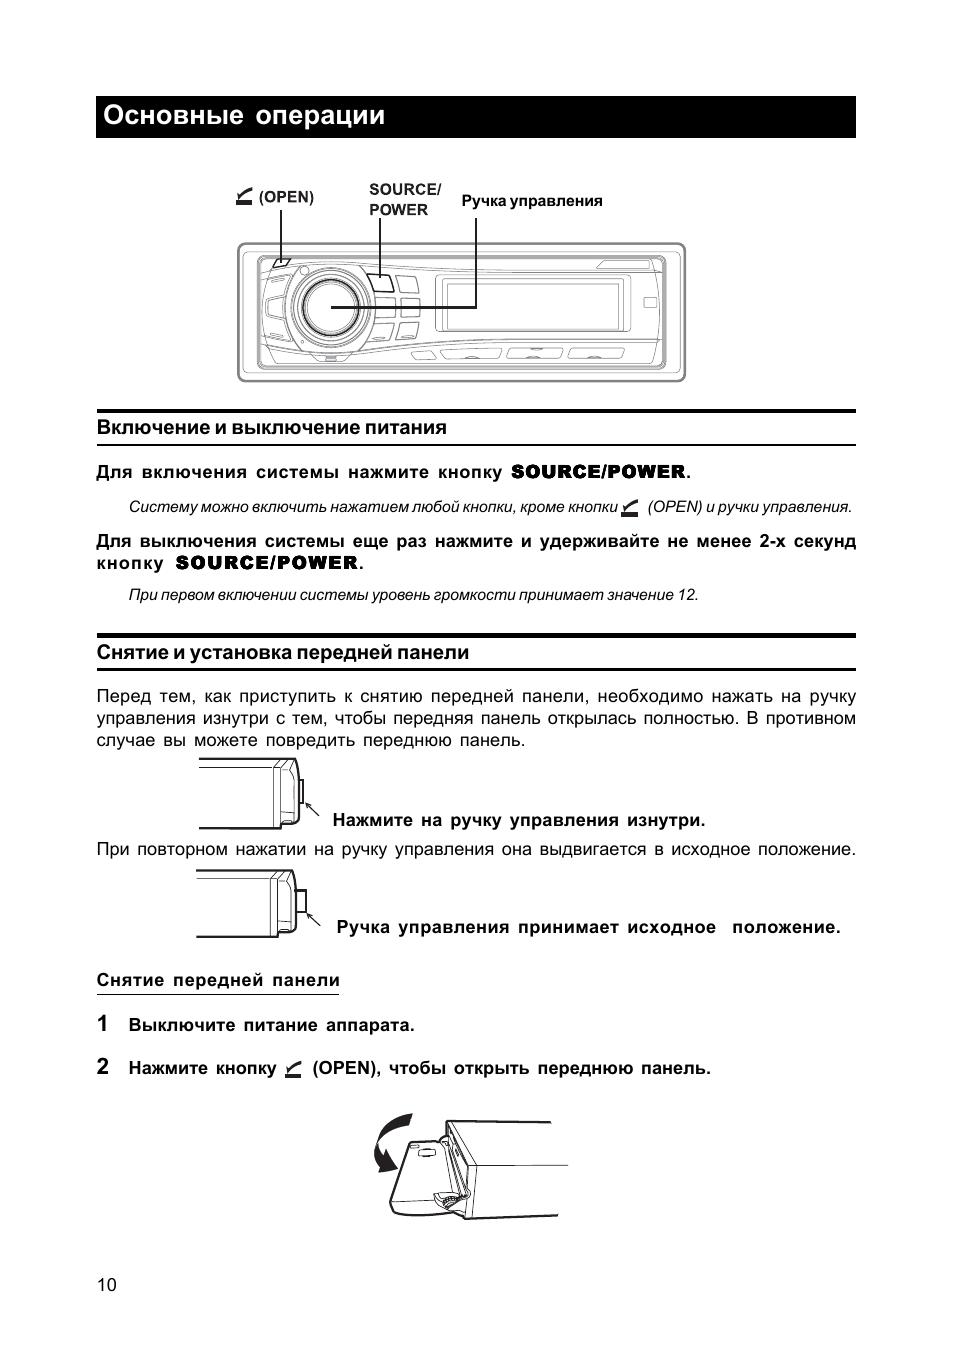 • провода с цветовой кодировкой должны подключаться в соответствии с данной диаграммой.